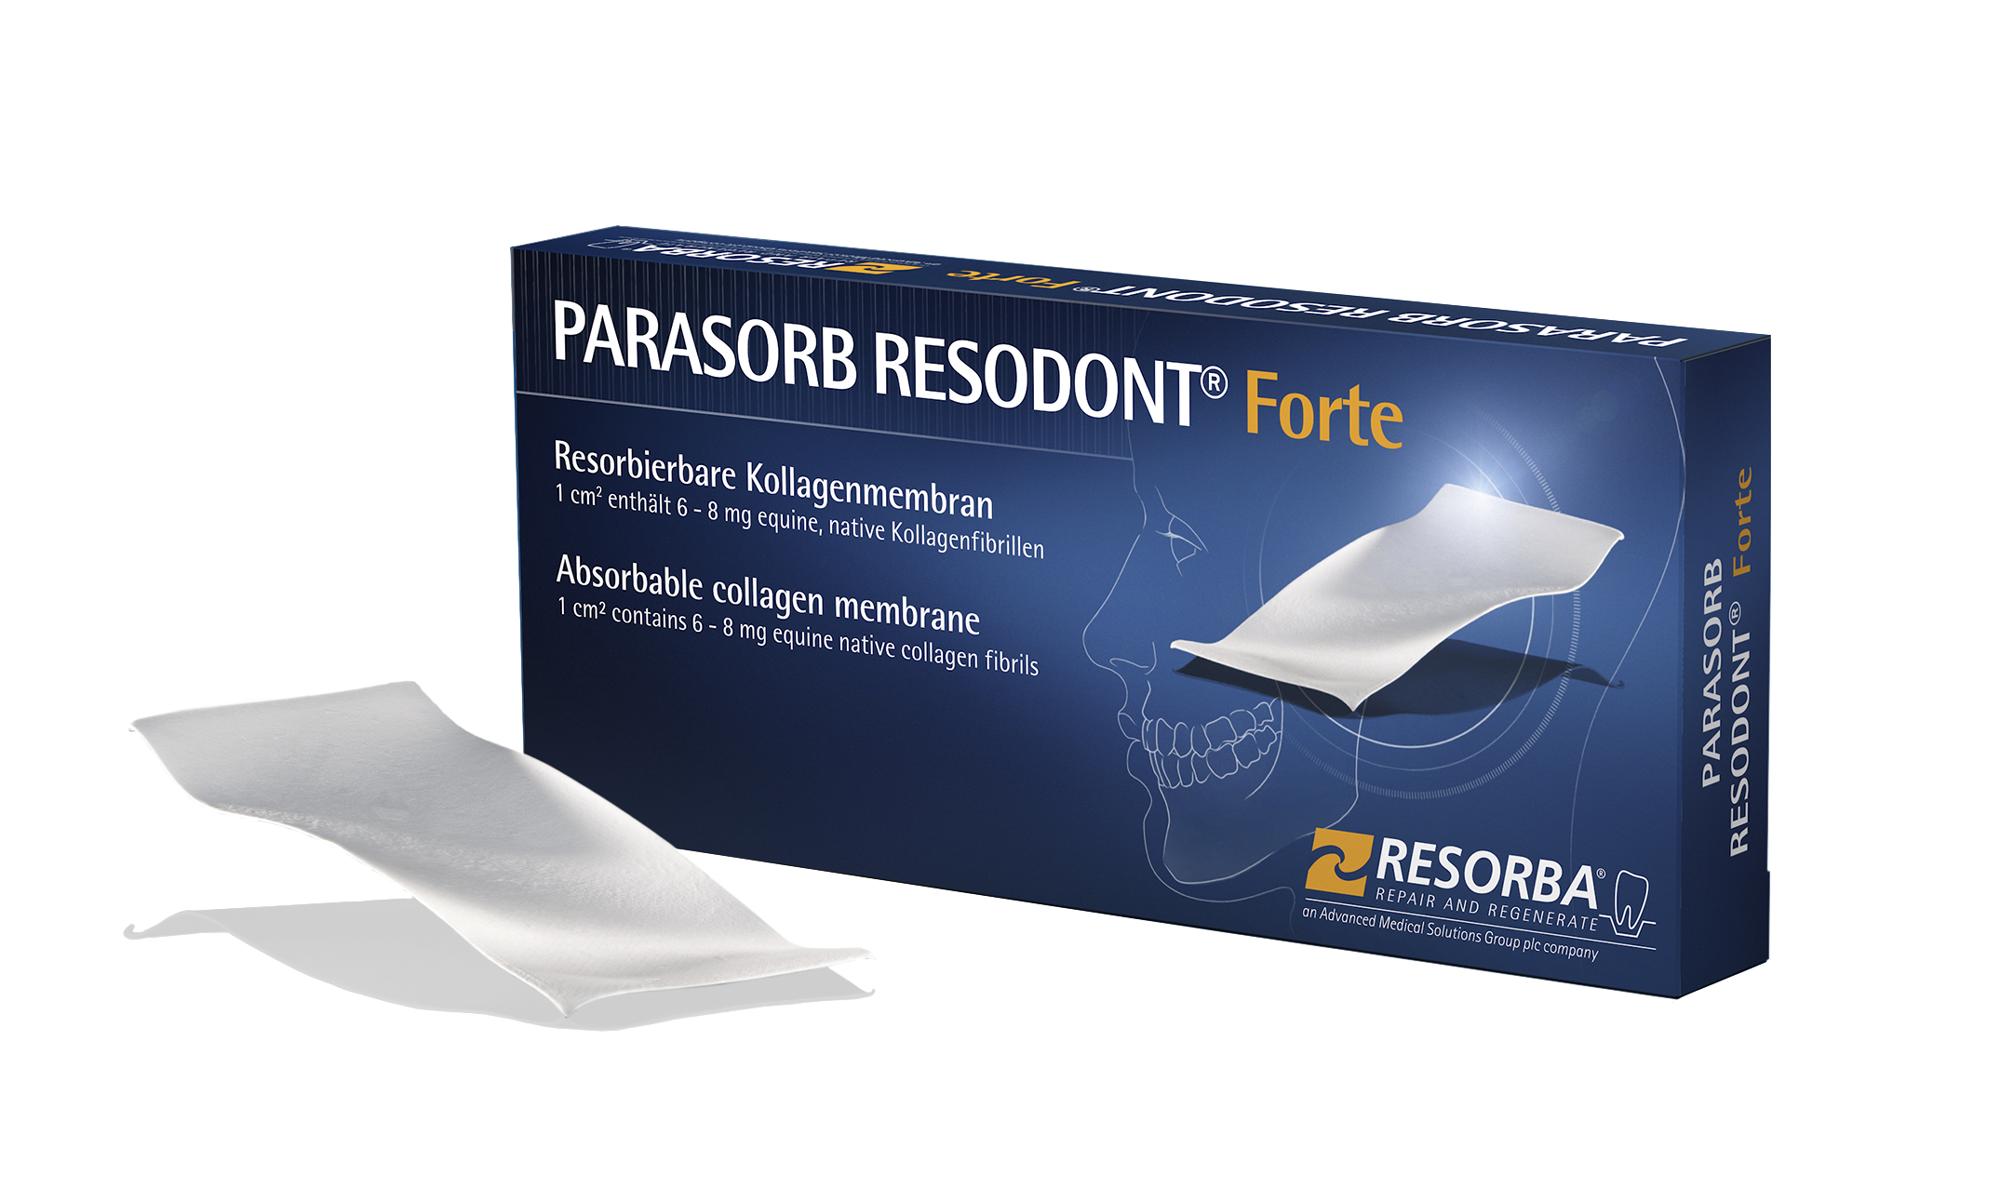 Resodont Forte